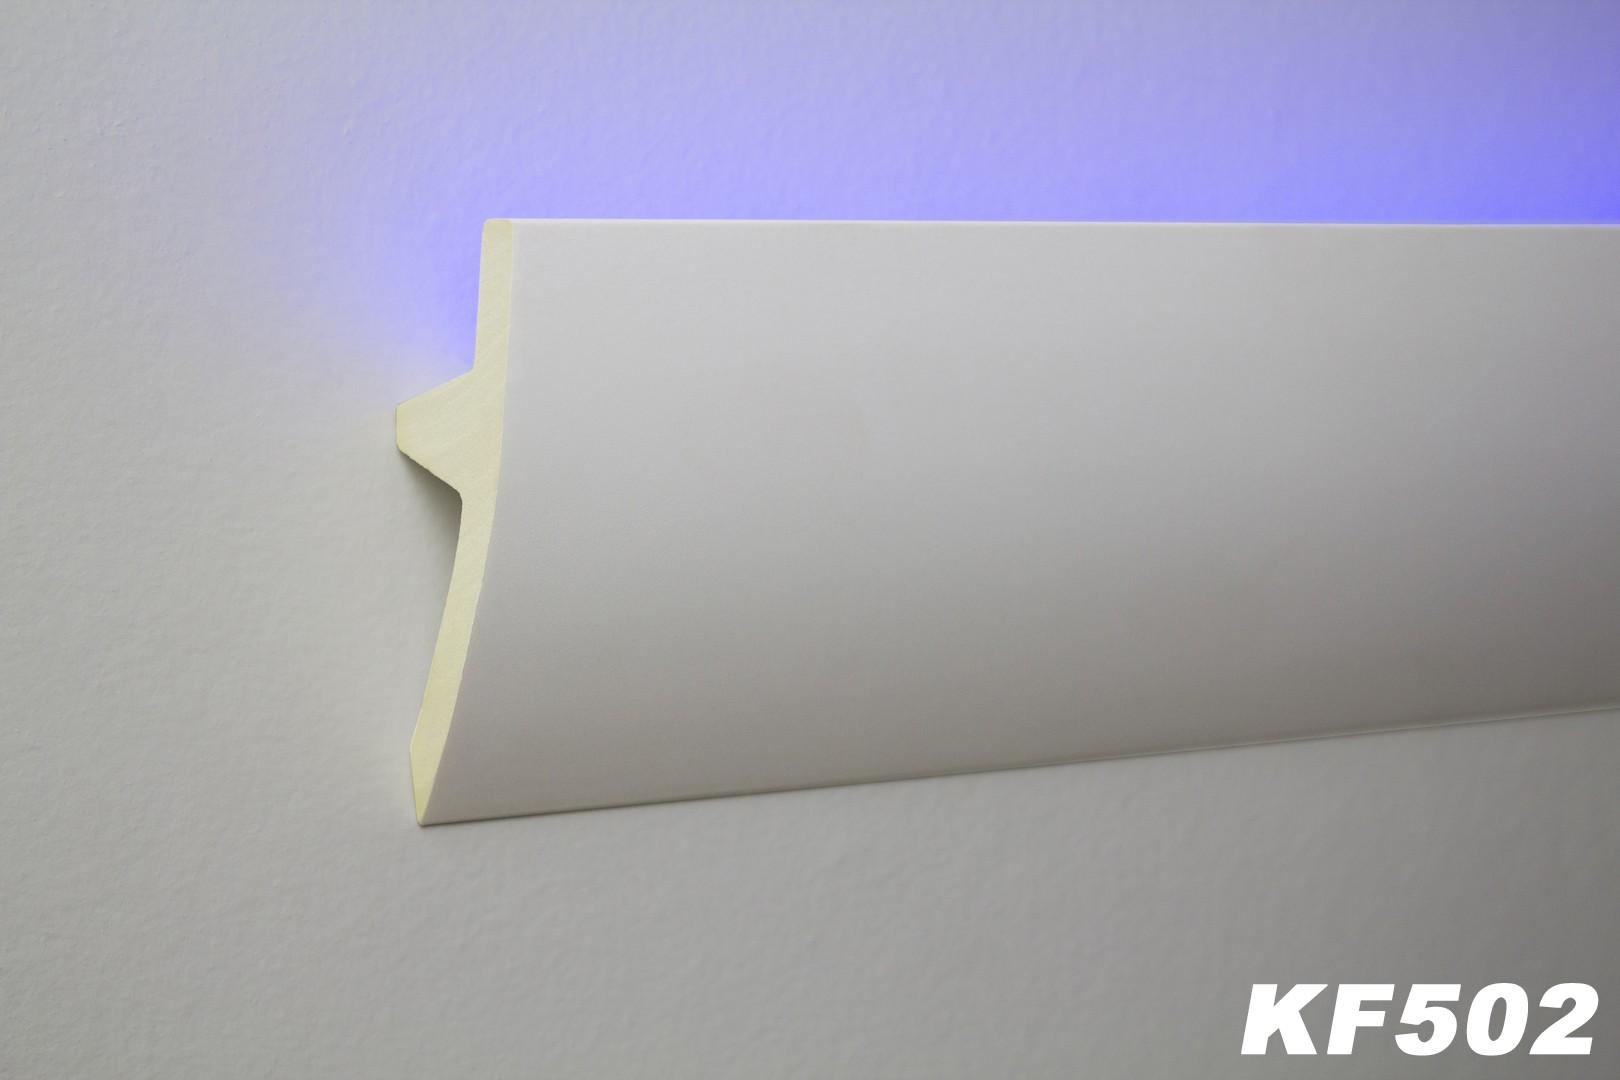 Kf502 originalbild